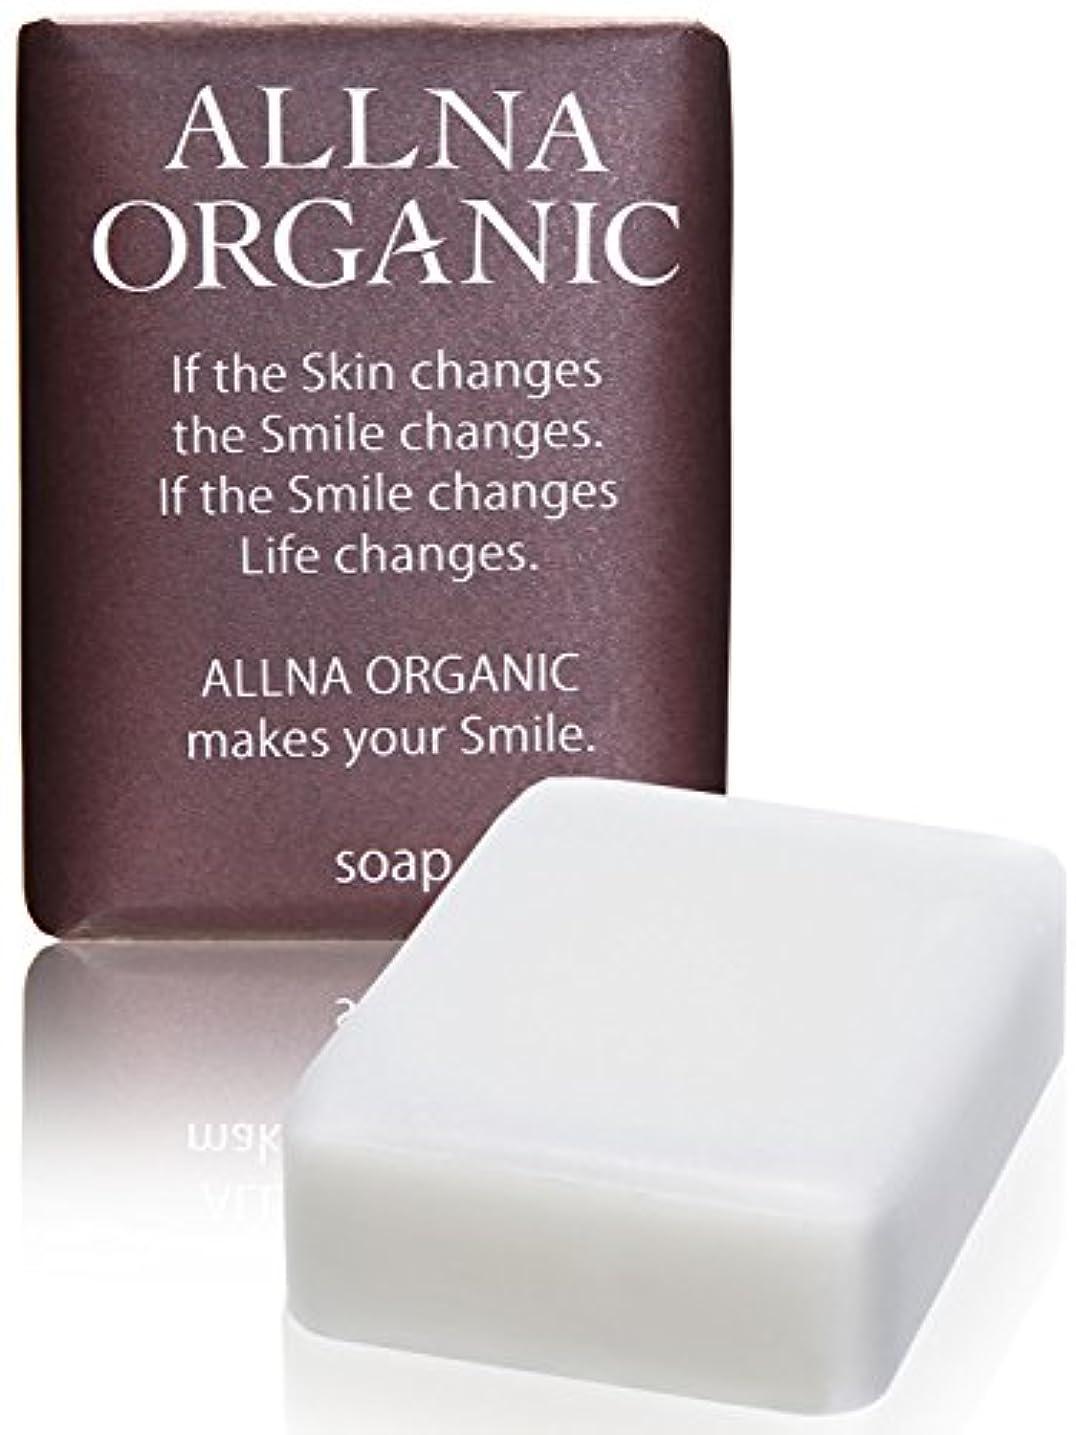 観客設置典型的なオルナ オーガニック 石鹸 「 無添加 敏感 肌用 毛穴 対策 洗顔石鹸 」「 コラーゲン 3種 + ヒアルロン酸 4種 + ビタミンC 4種 + セラミド 配合」 保湿 固形 洗顔 せっけん バスサイズ 100g